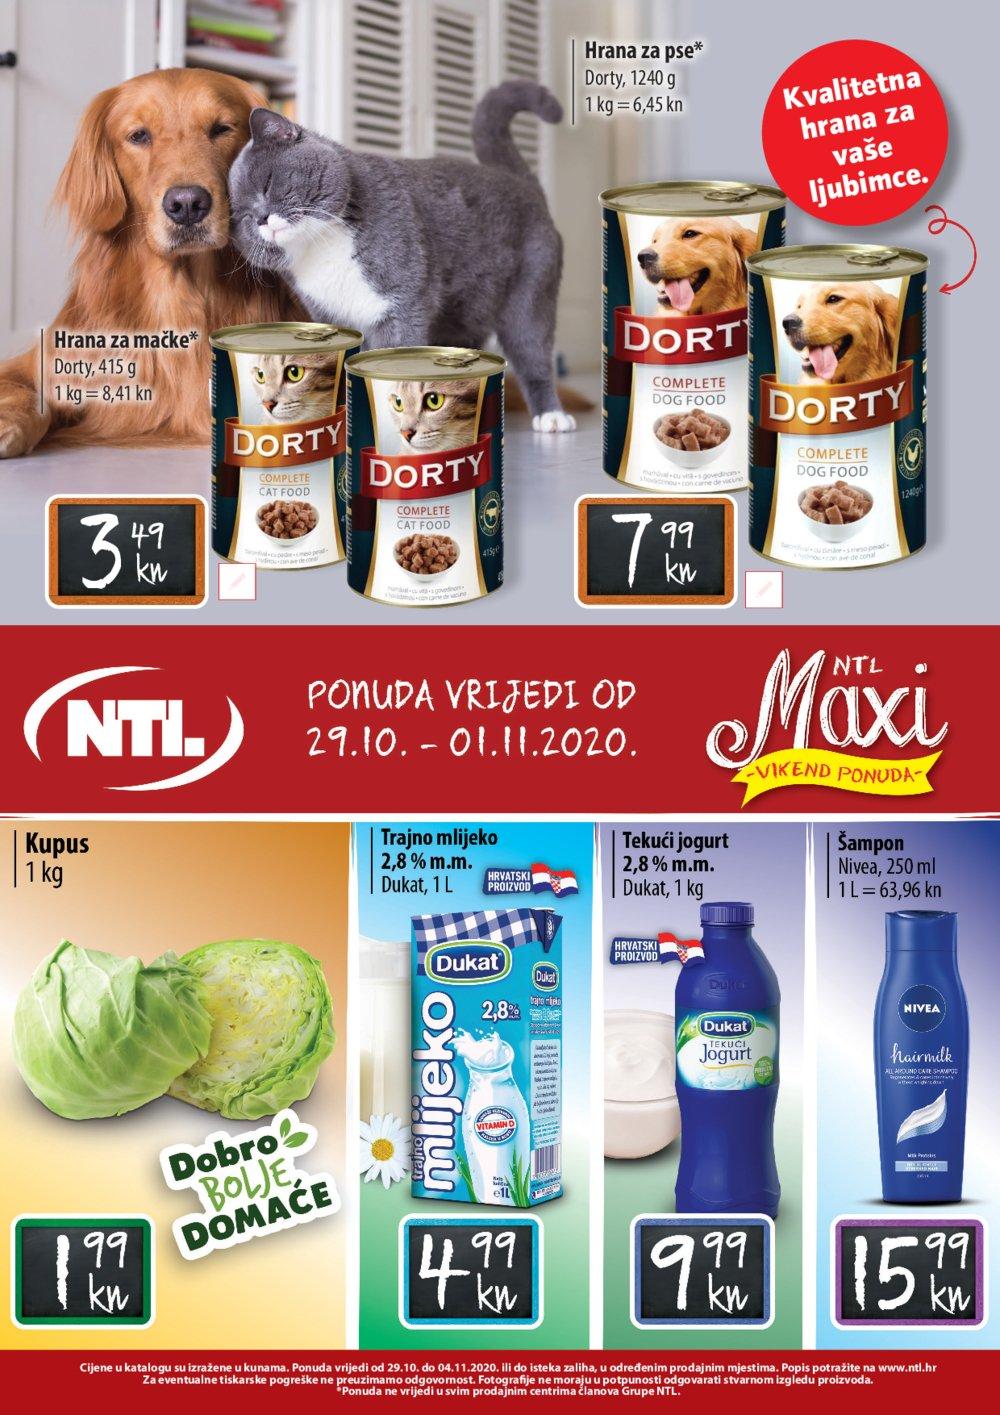 Gavranović katalog NTL Maxi Tjedna ponuda 29.10.-04.11.2020.